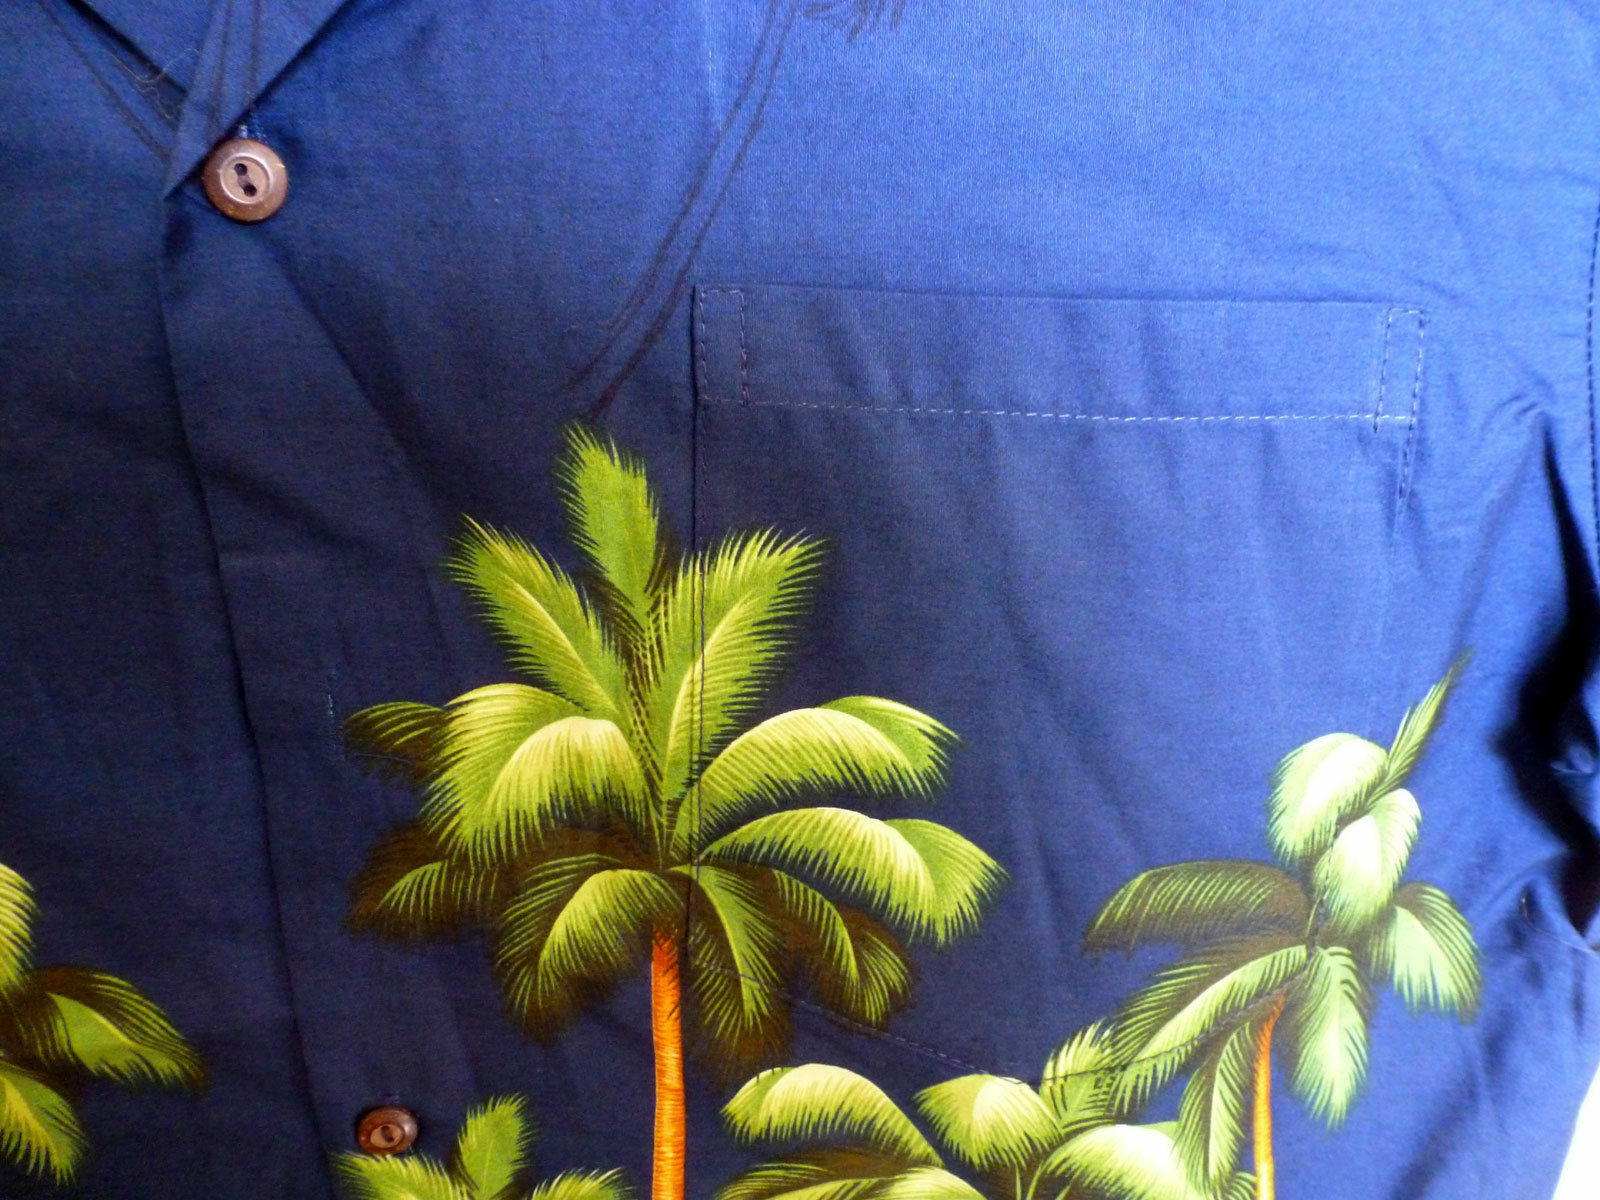 KY's Original di Camicia Hawaiana Foresta di Original Palme Verdi verde Palmforest Blu 69c46d